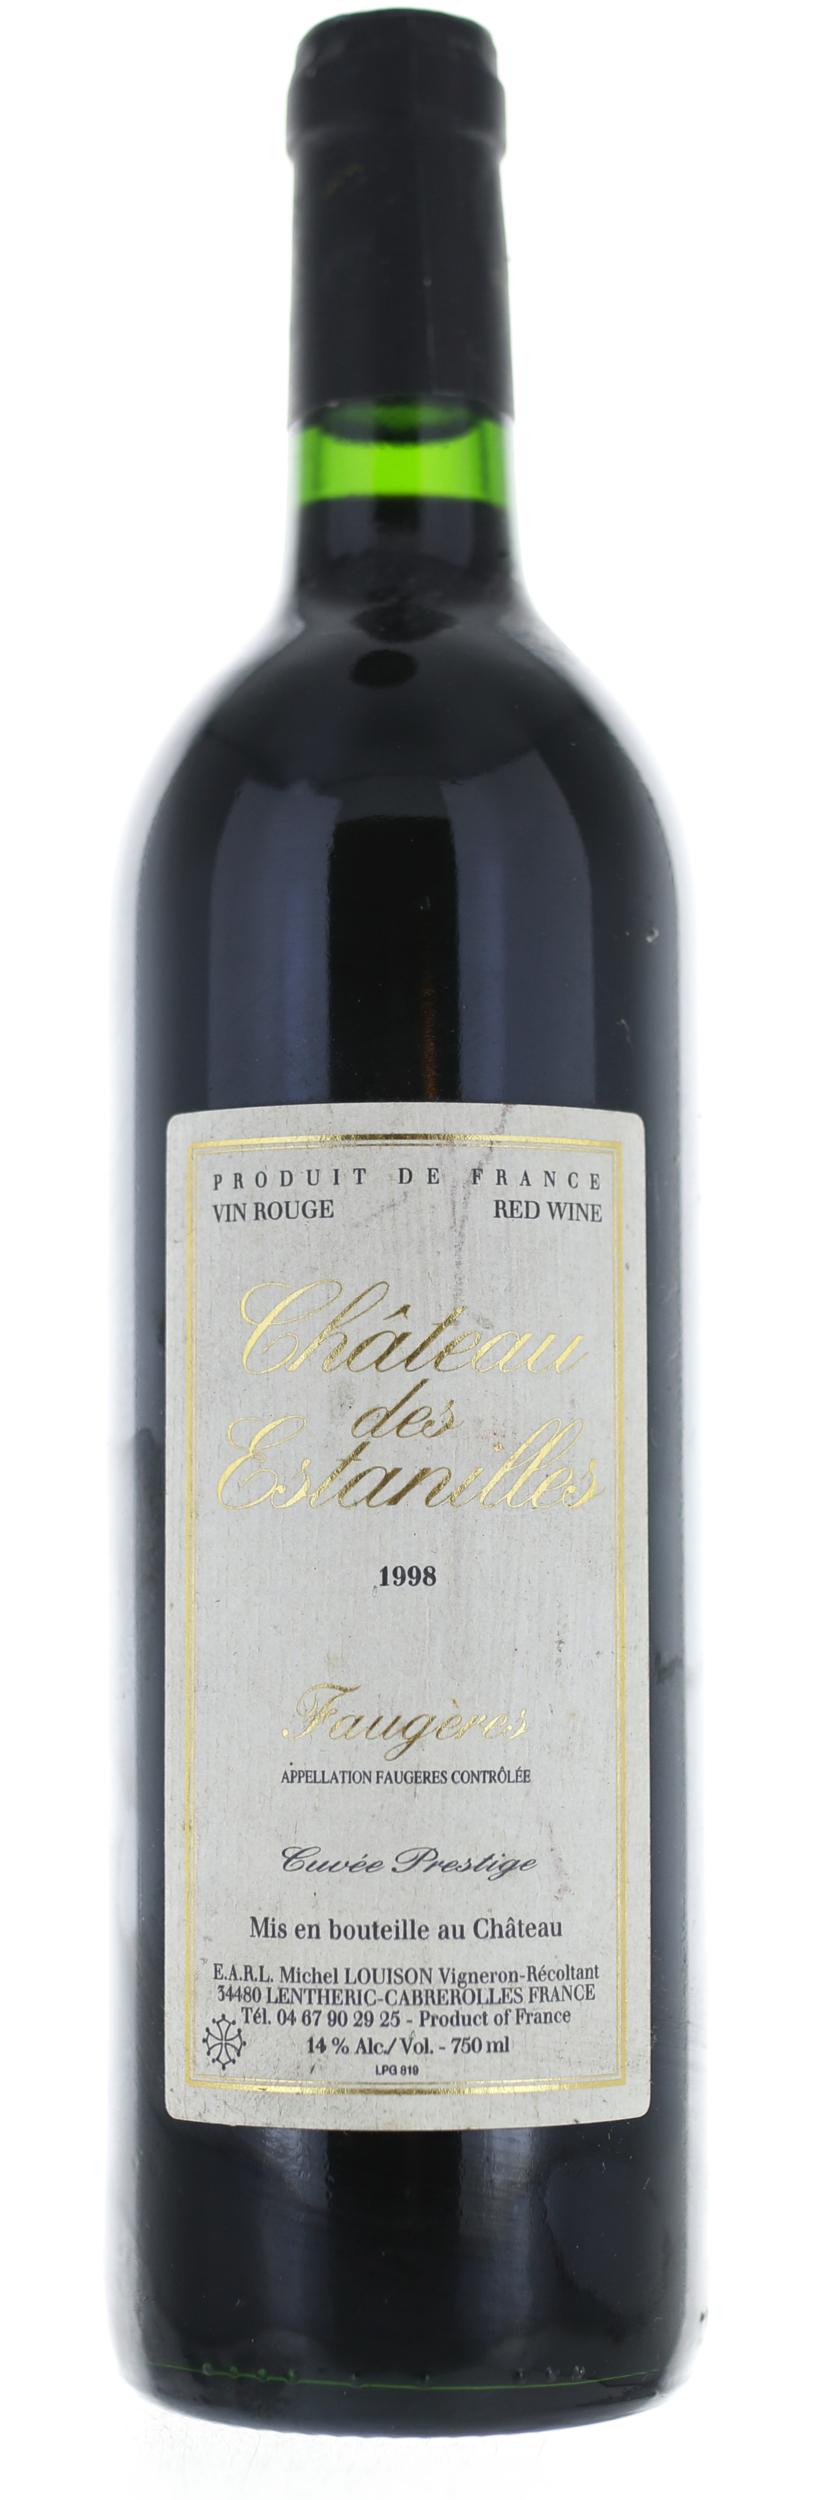 Faugeres - Château des Estanilles - Cuvée Prestige - 1998